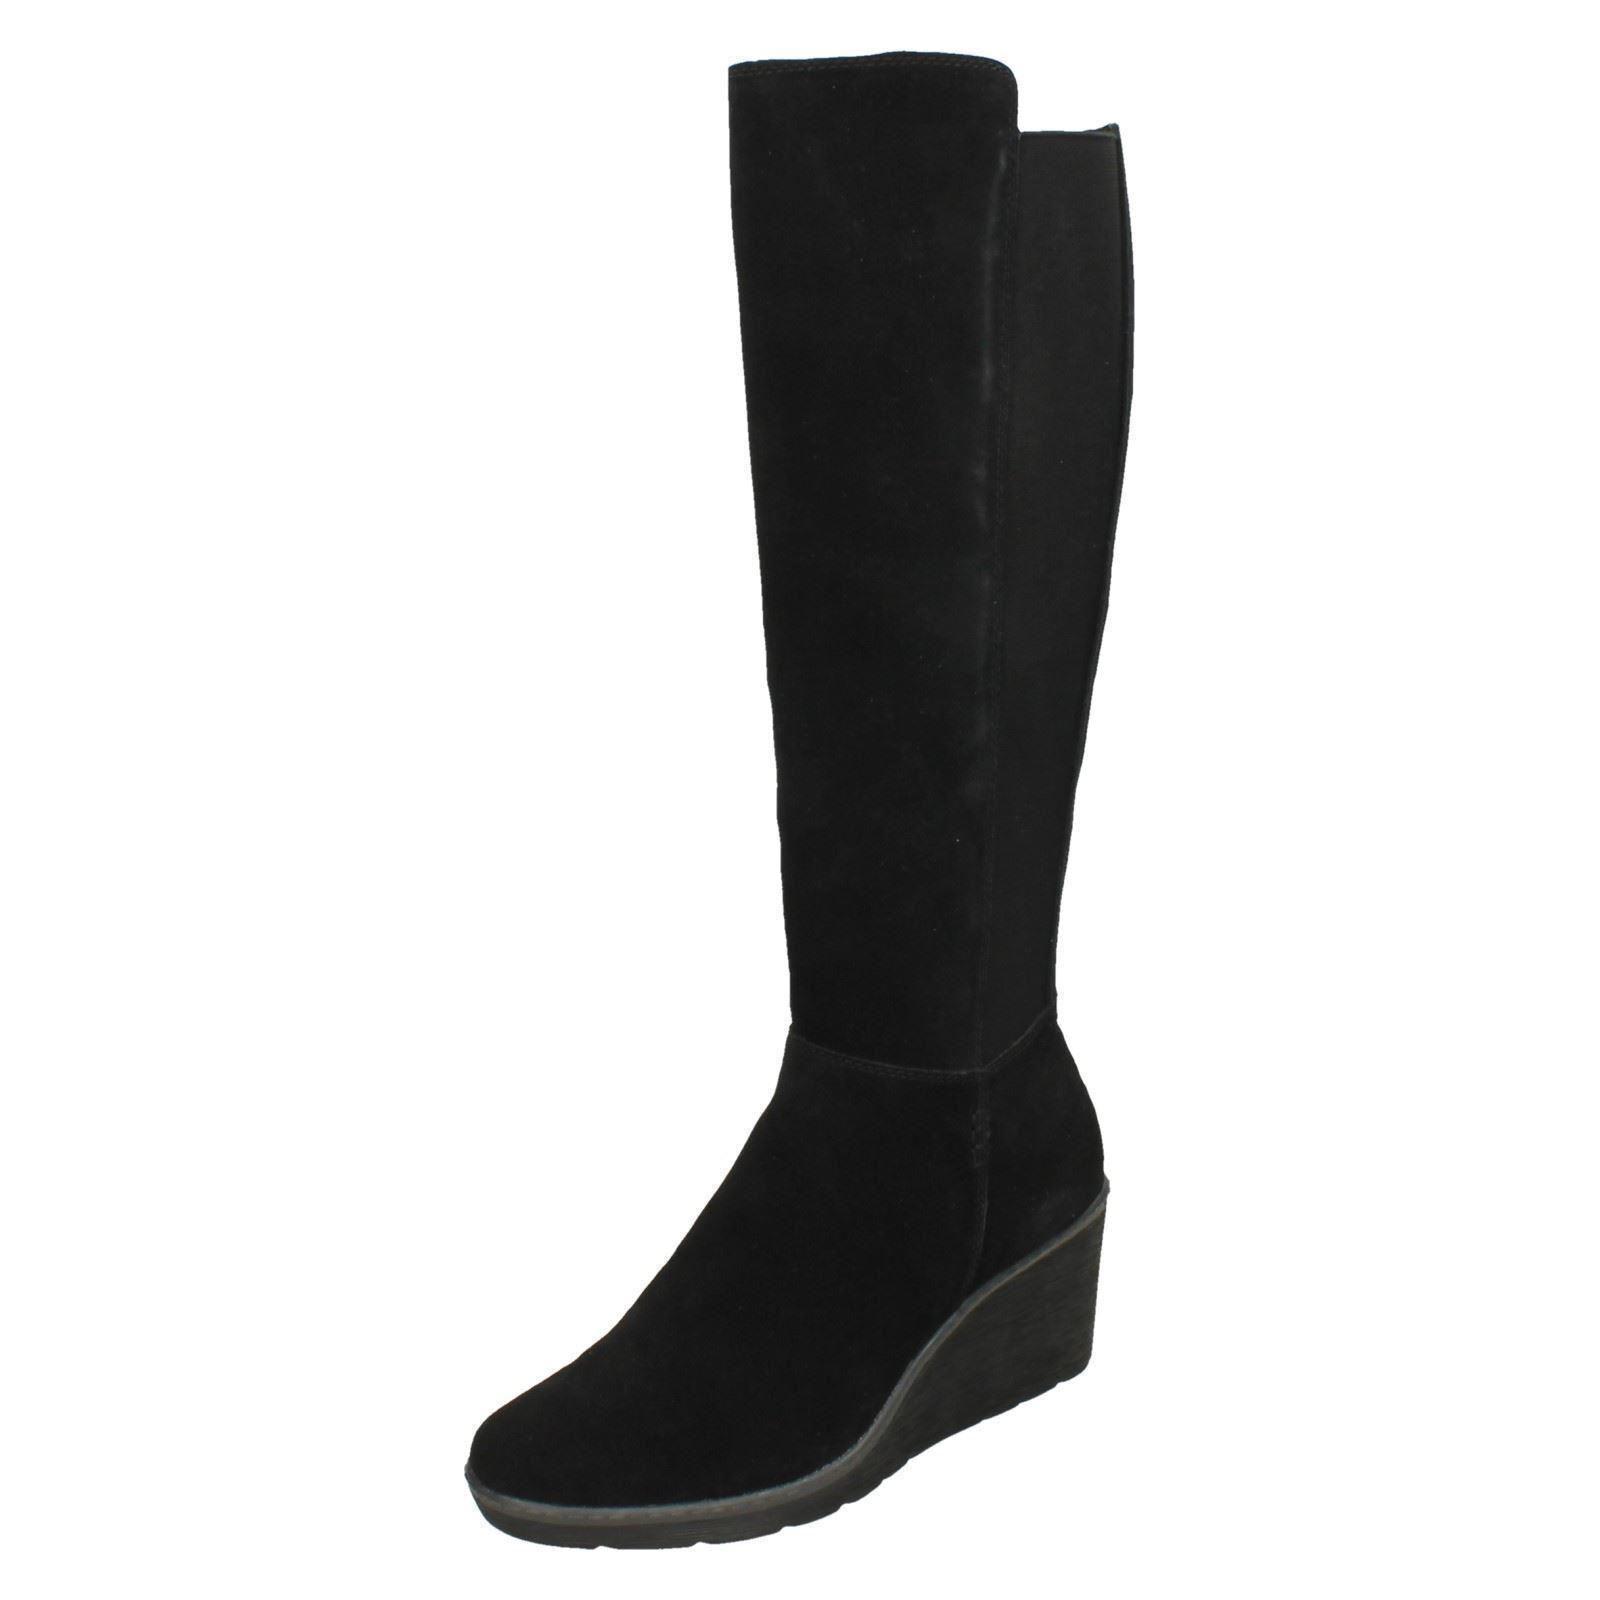 Clarks Mujer de Cuña por la Rodilla Rodilla Rodilla botas ' Hazen Madison'  precios razonables